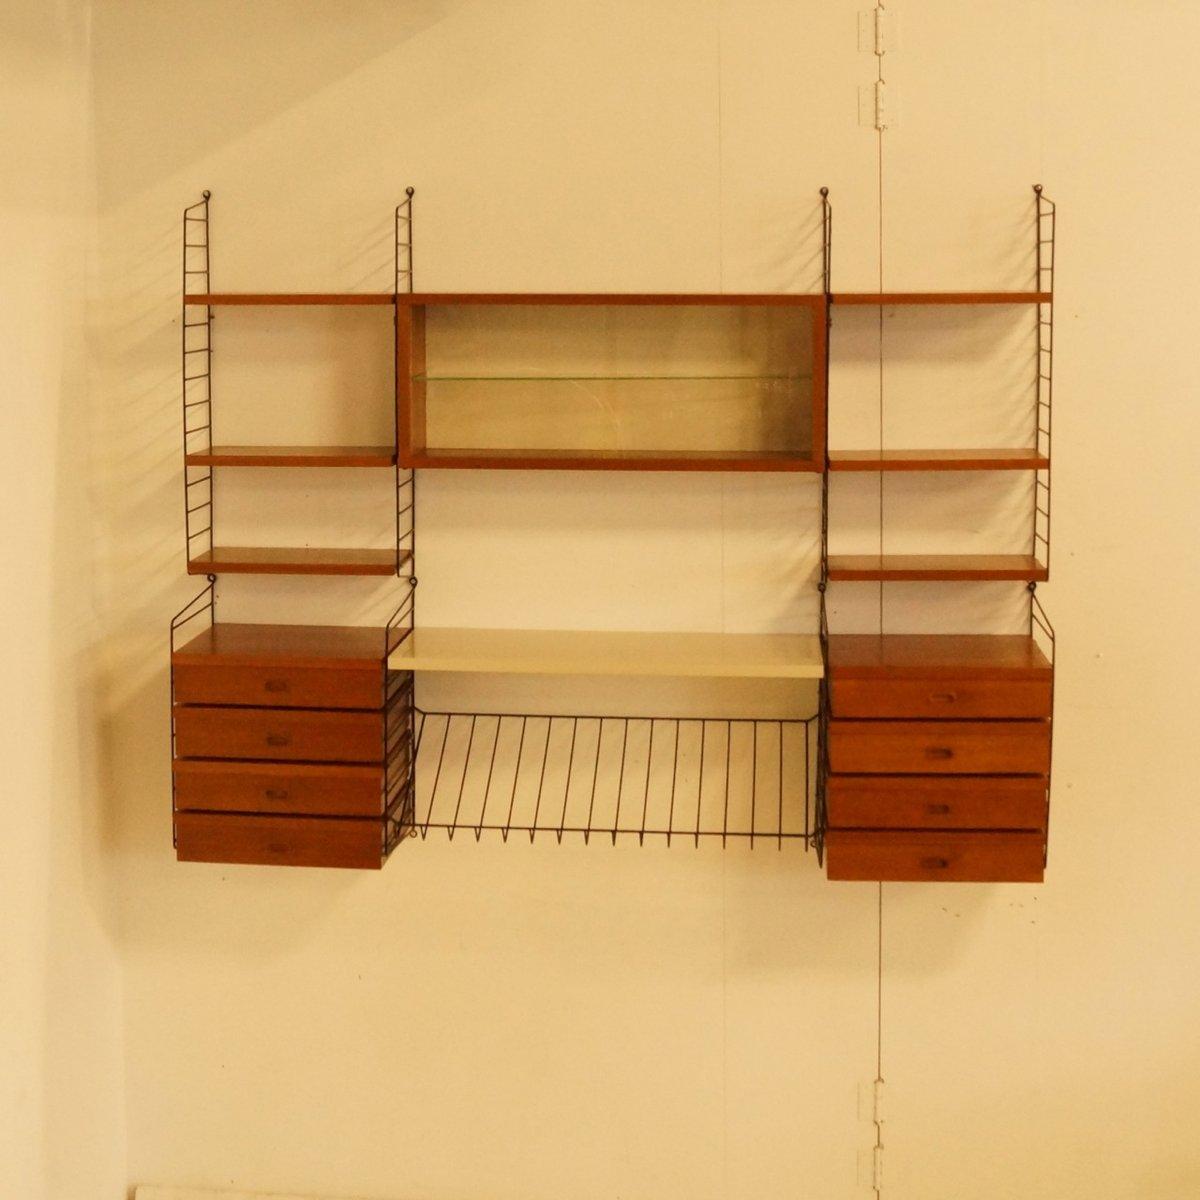 string wandschrank von nisse strinning f r string design bei pamono kaufen. Black Bedroom Furniture Sets. Home Design Ideas